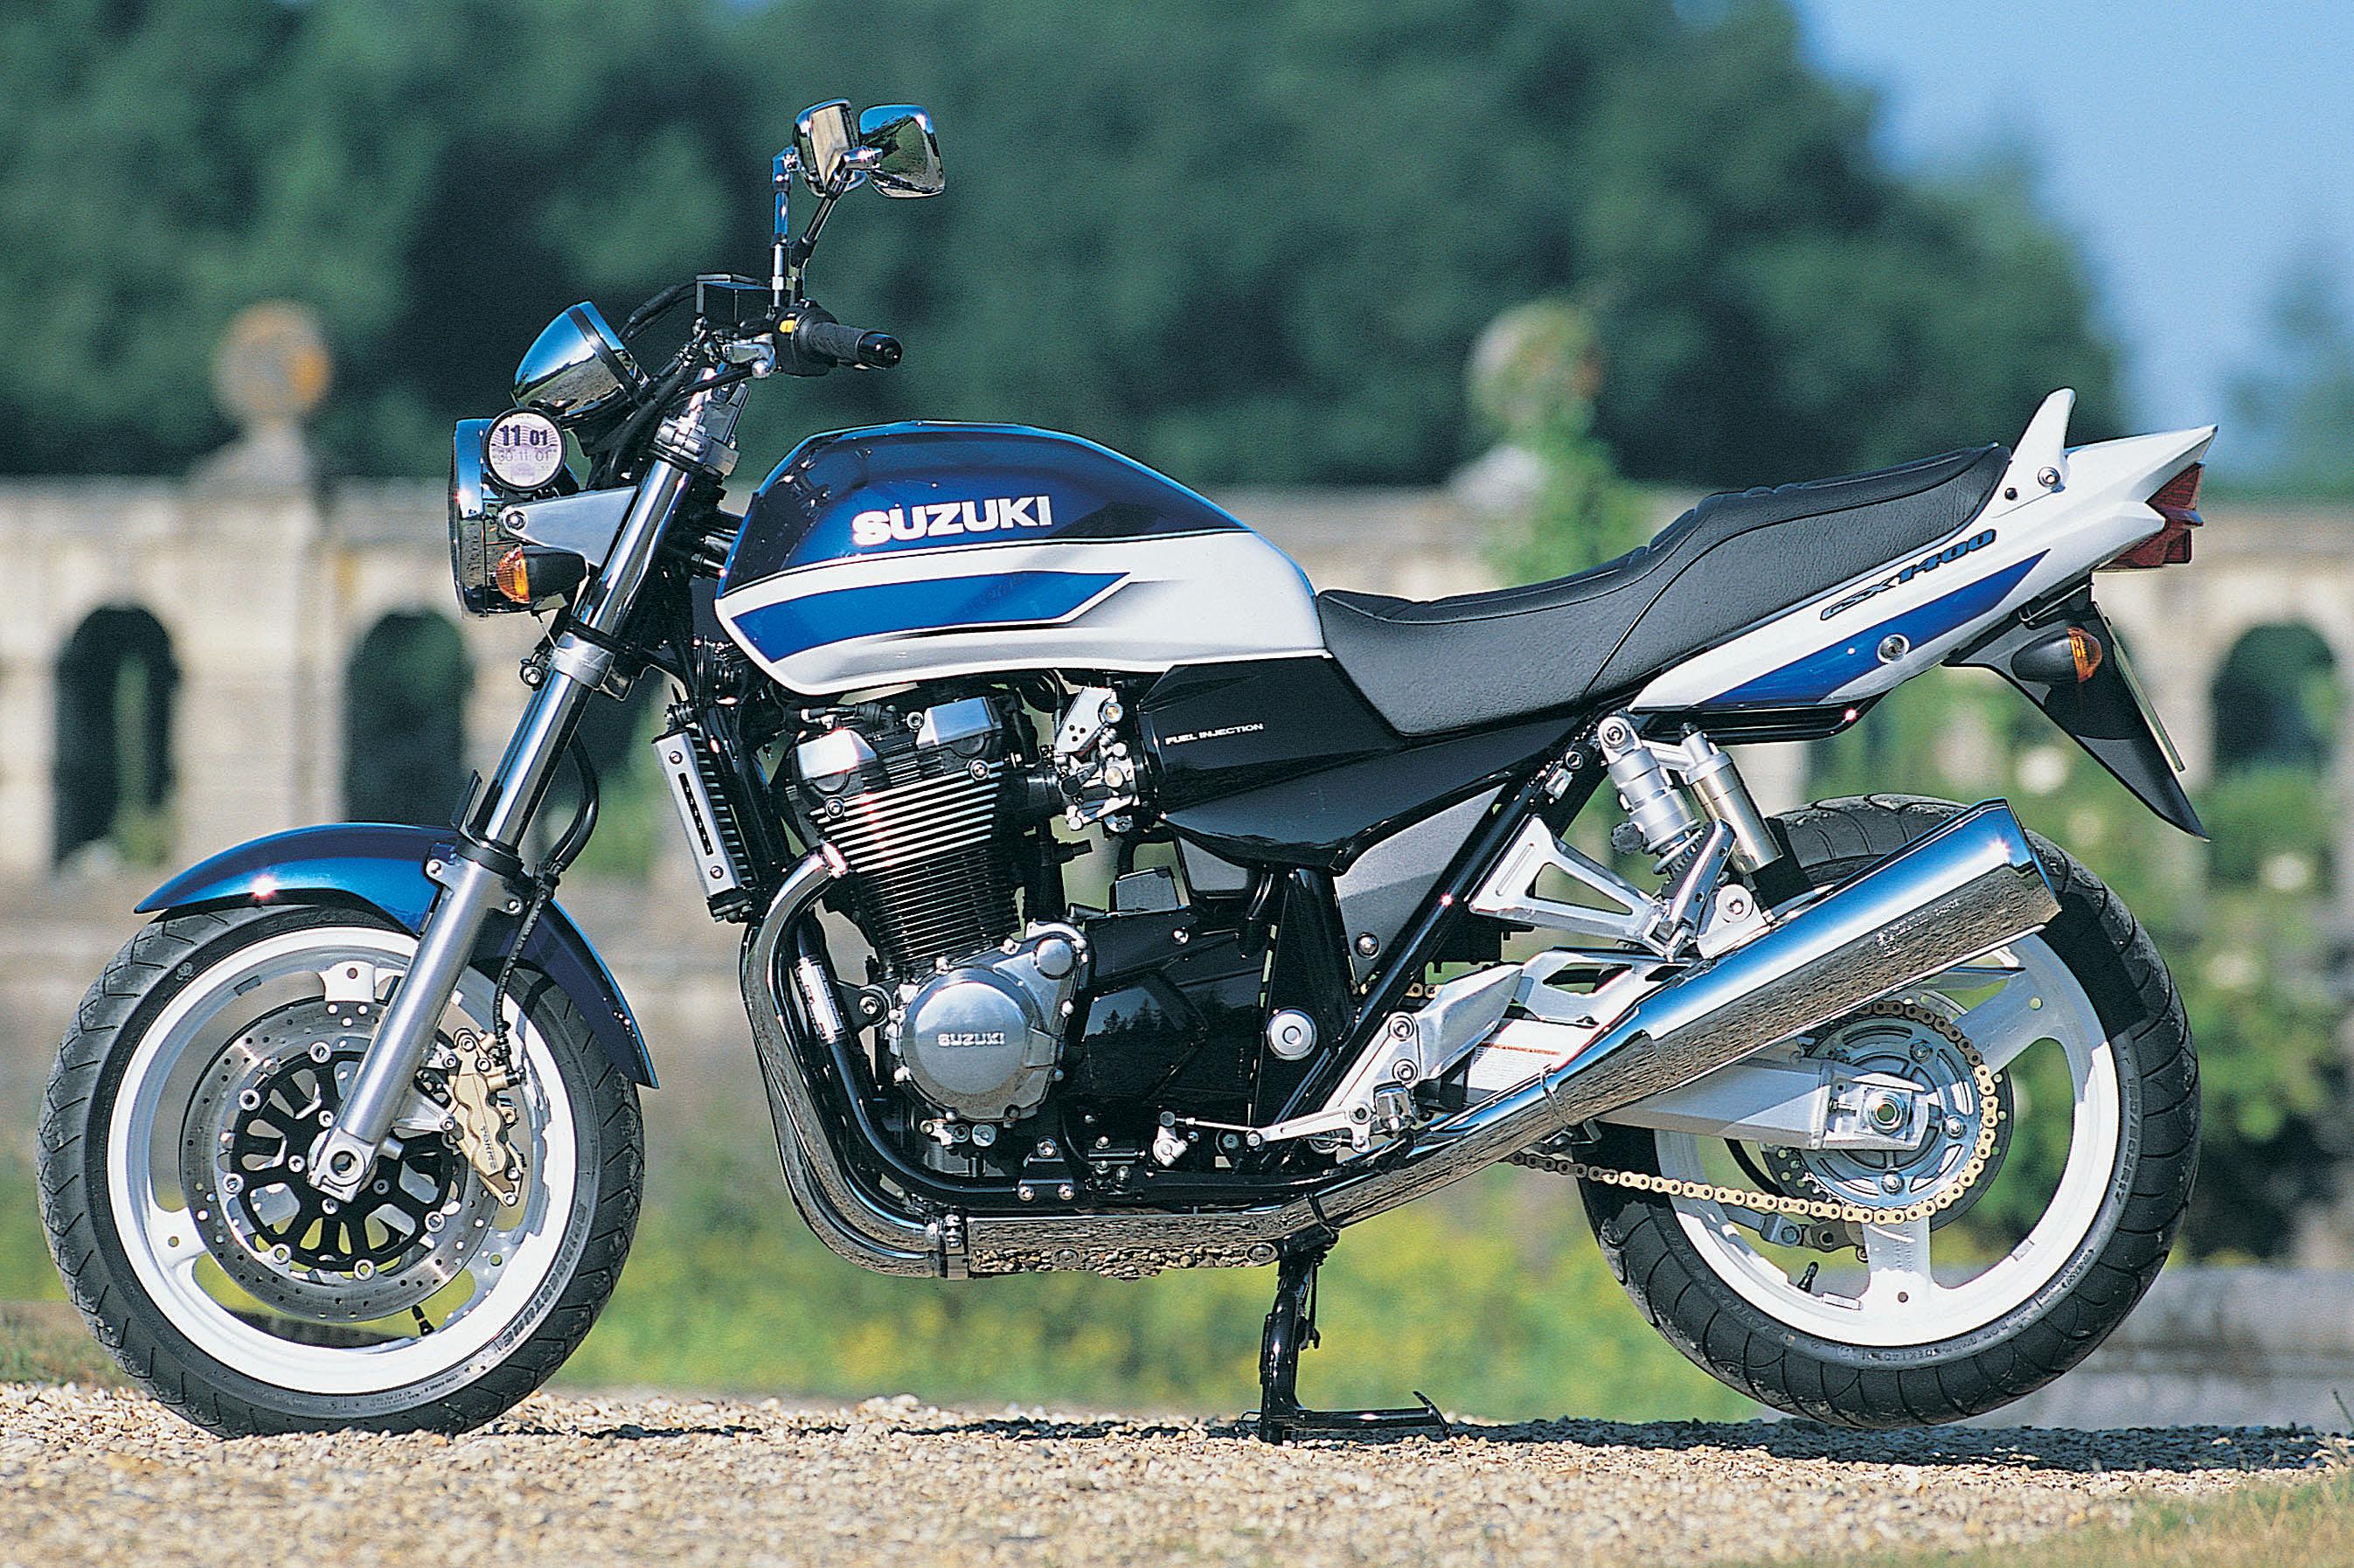 Suzuki Bandit Specs